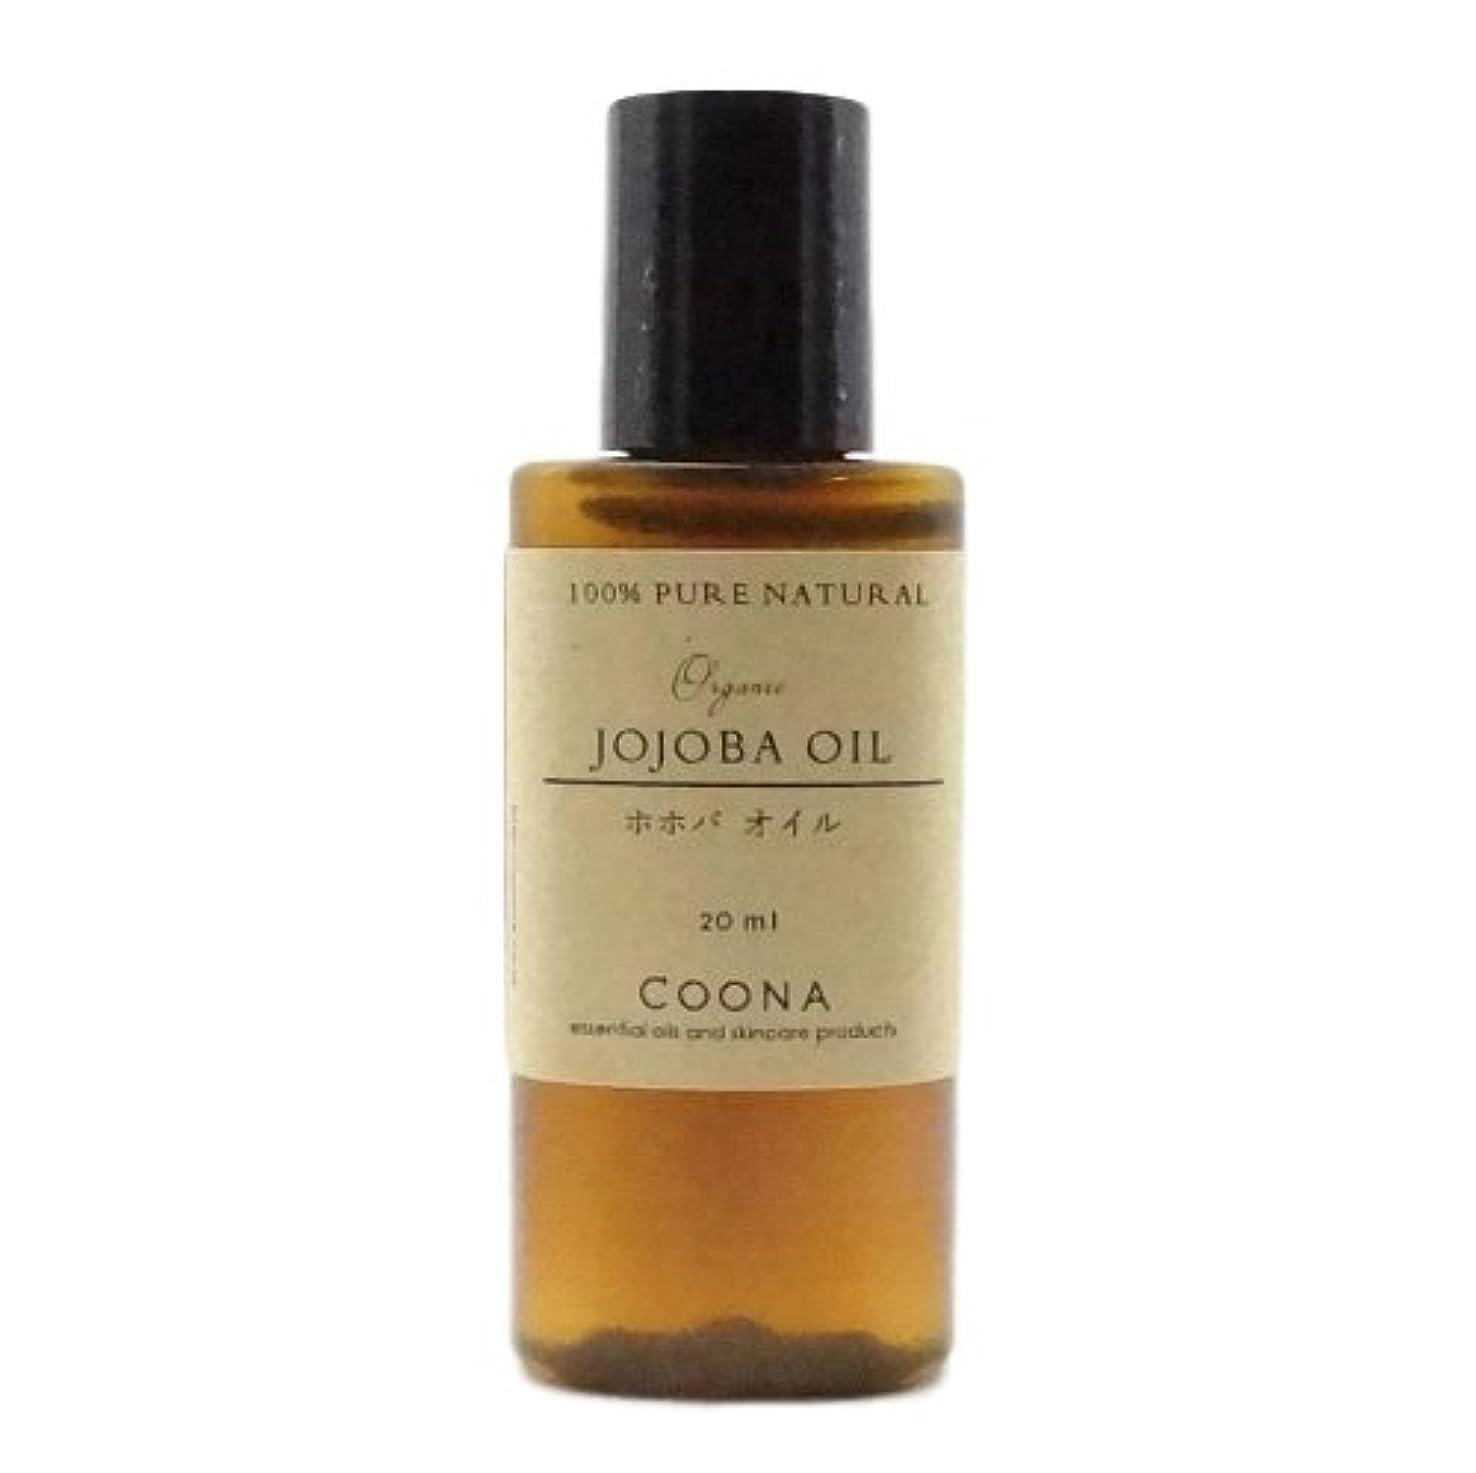 孤児オリエント薬用ホホバオイル 20 ml (COONA キャリアオイル ベースオイル 100%ピュア ナチュラル 天然植物油)